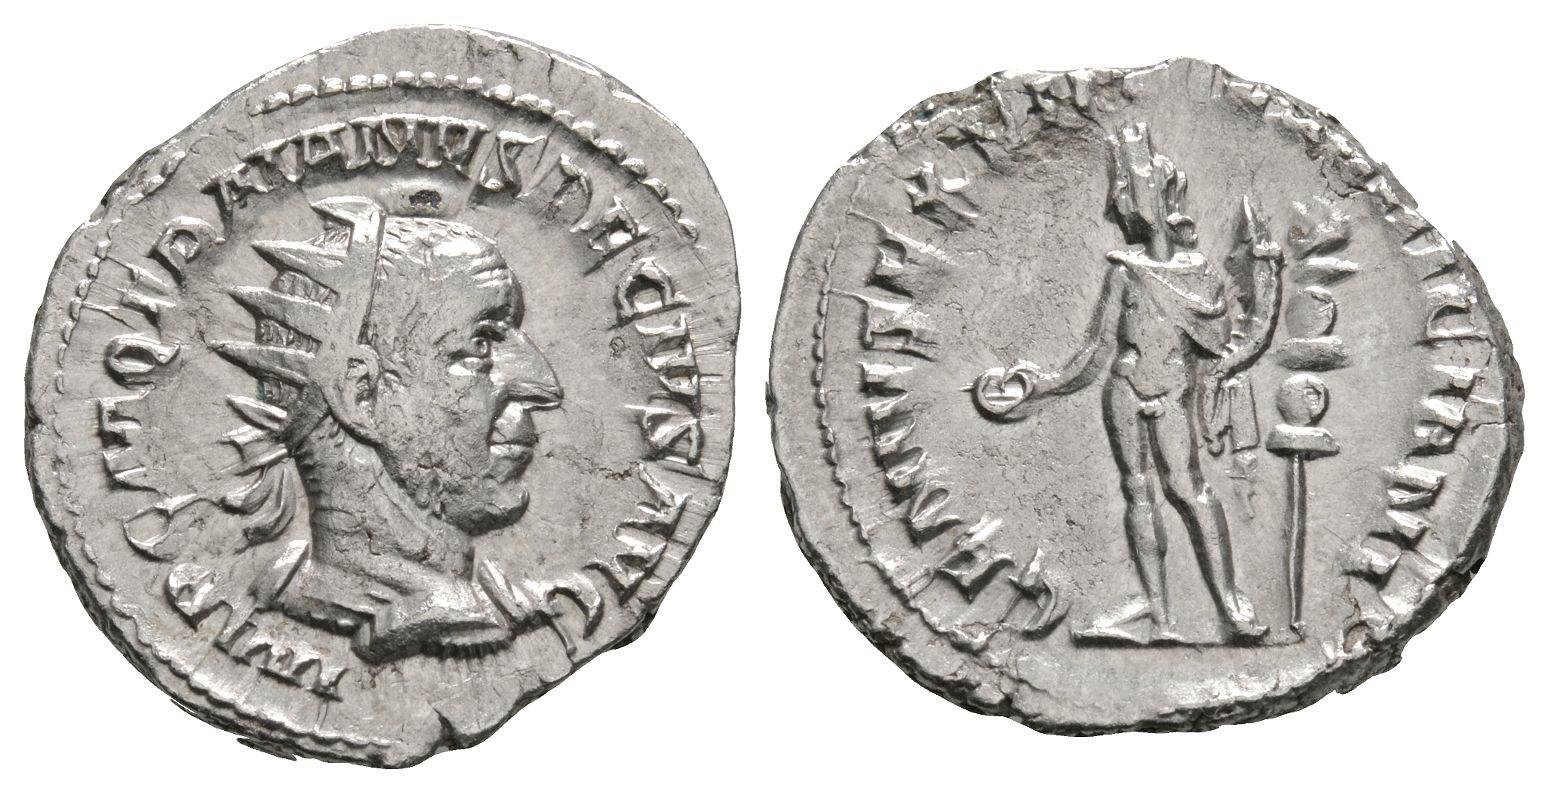 Roman Imperial Coins - Trajan Decius - Genius of Illyricum Antoninianus